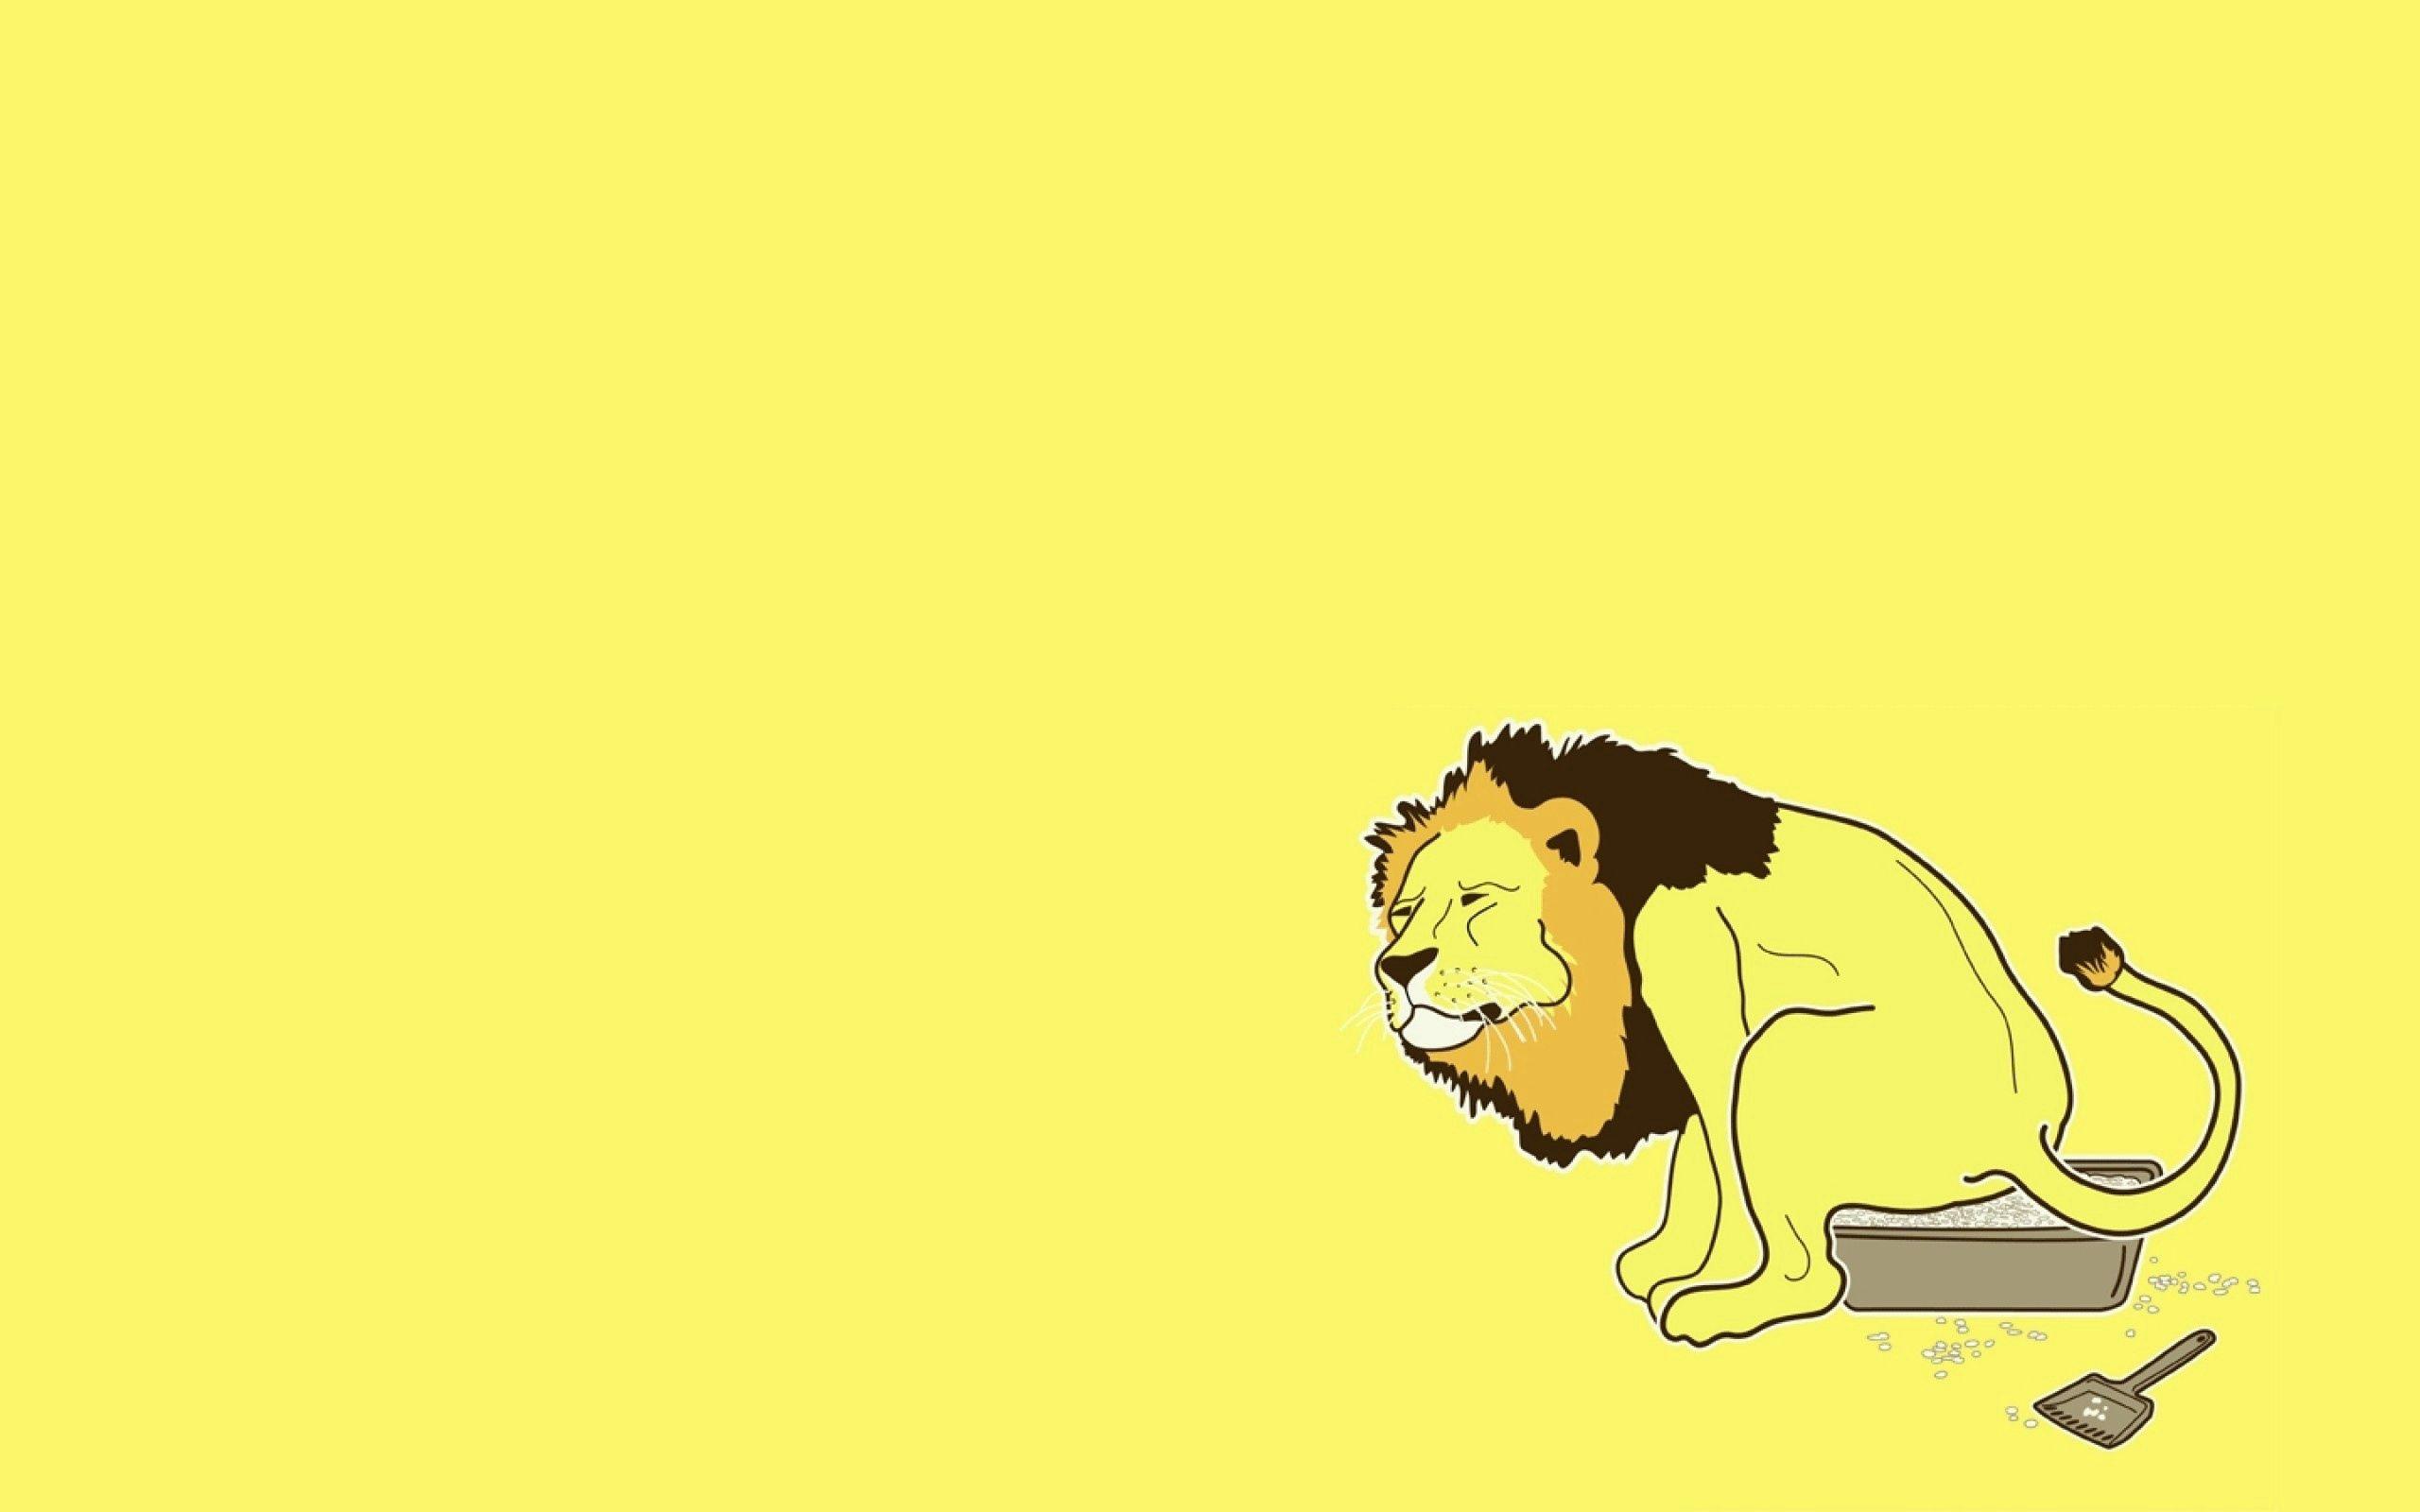 99726 Protetores de tela e papéis de parede Leão em seu telefone. Baixe Leão, Vetor, Um Leão, Concha, Bandeja, Banheiro, Colher, Retrete fotos gratuitamente